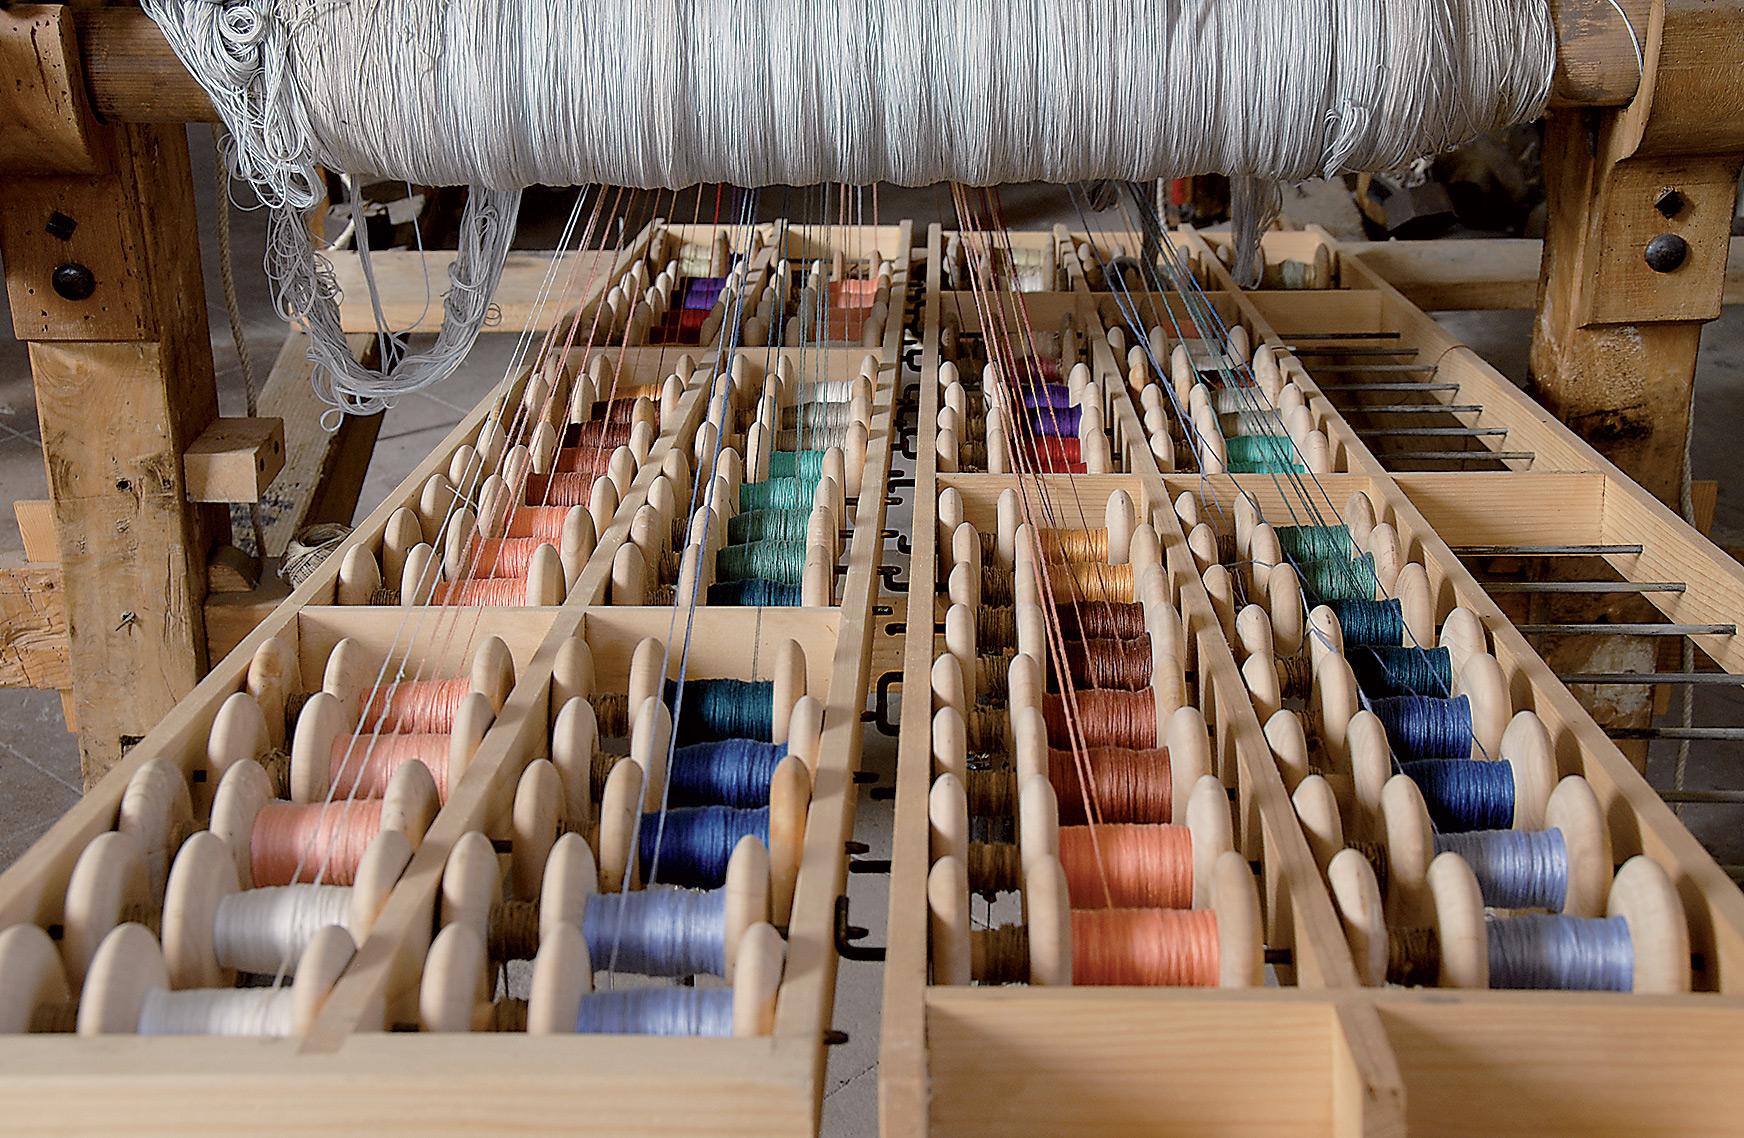 Museo - Laboratorio di Tessitura a mano Giuditta Brozzetti